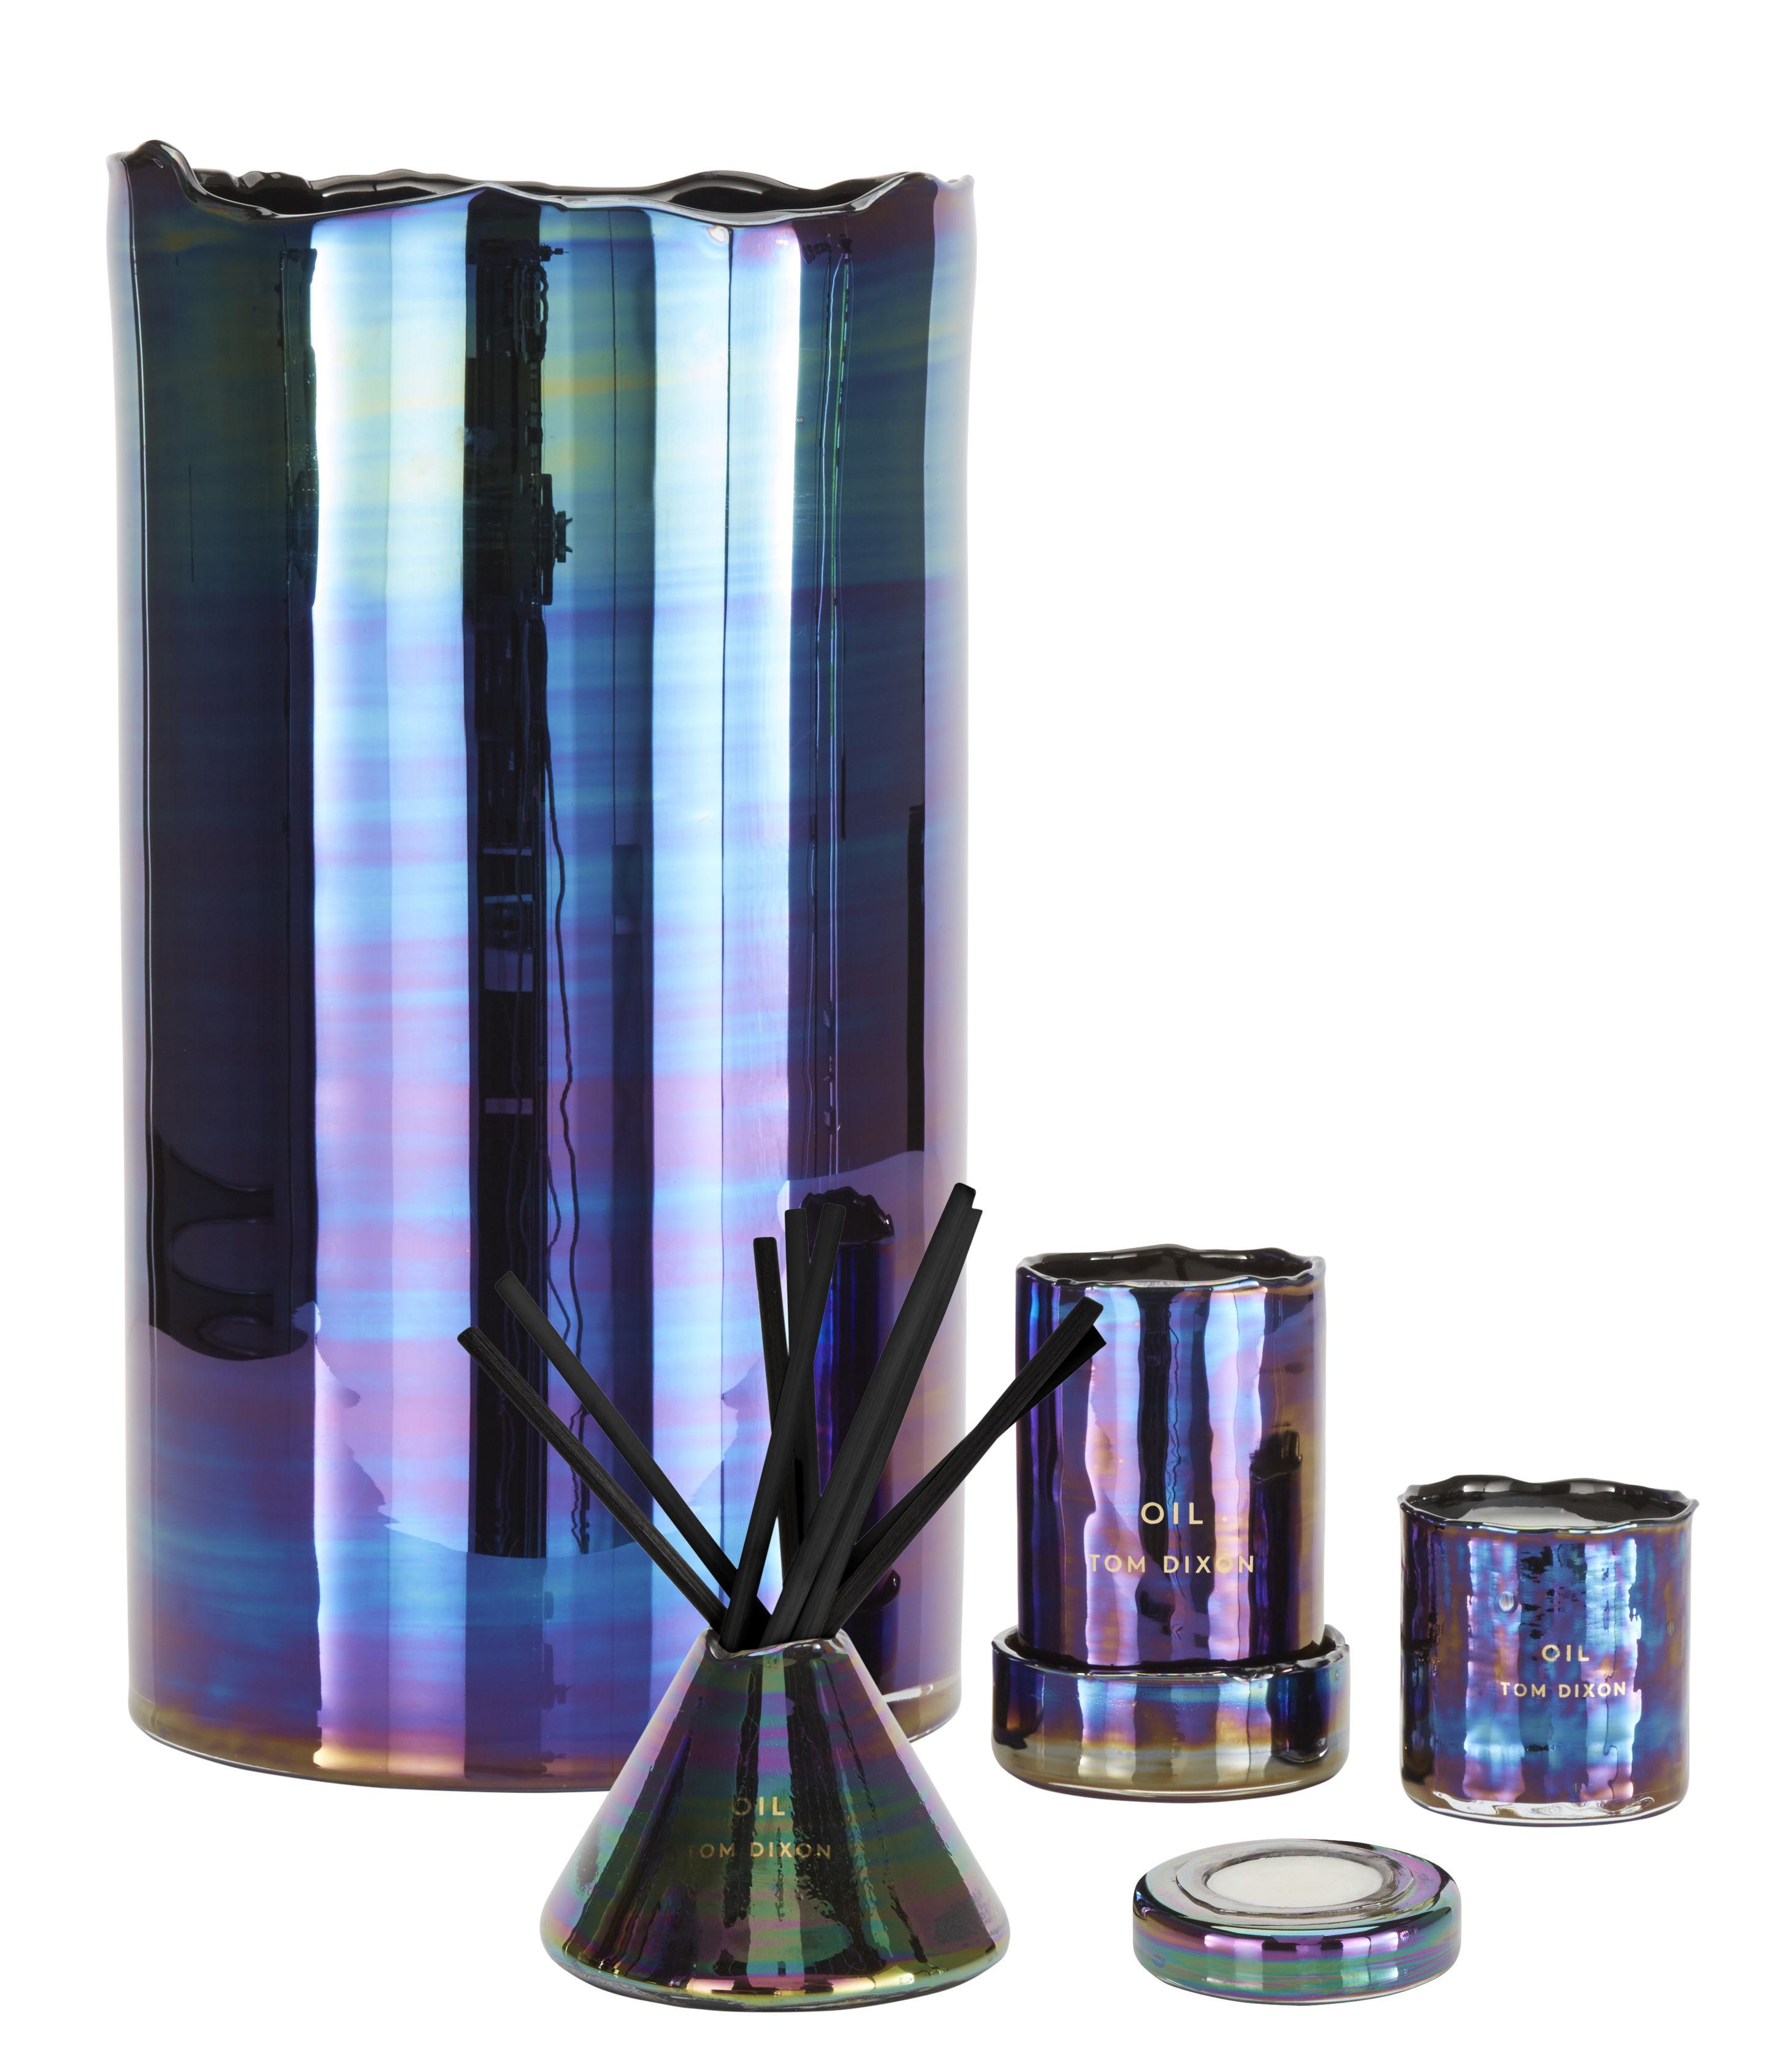 diffuseur de parfum oil avec b tonnets bleu iridescent tom dixon. Black Bedroom Furniture Sets. Home Design Ideas